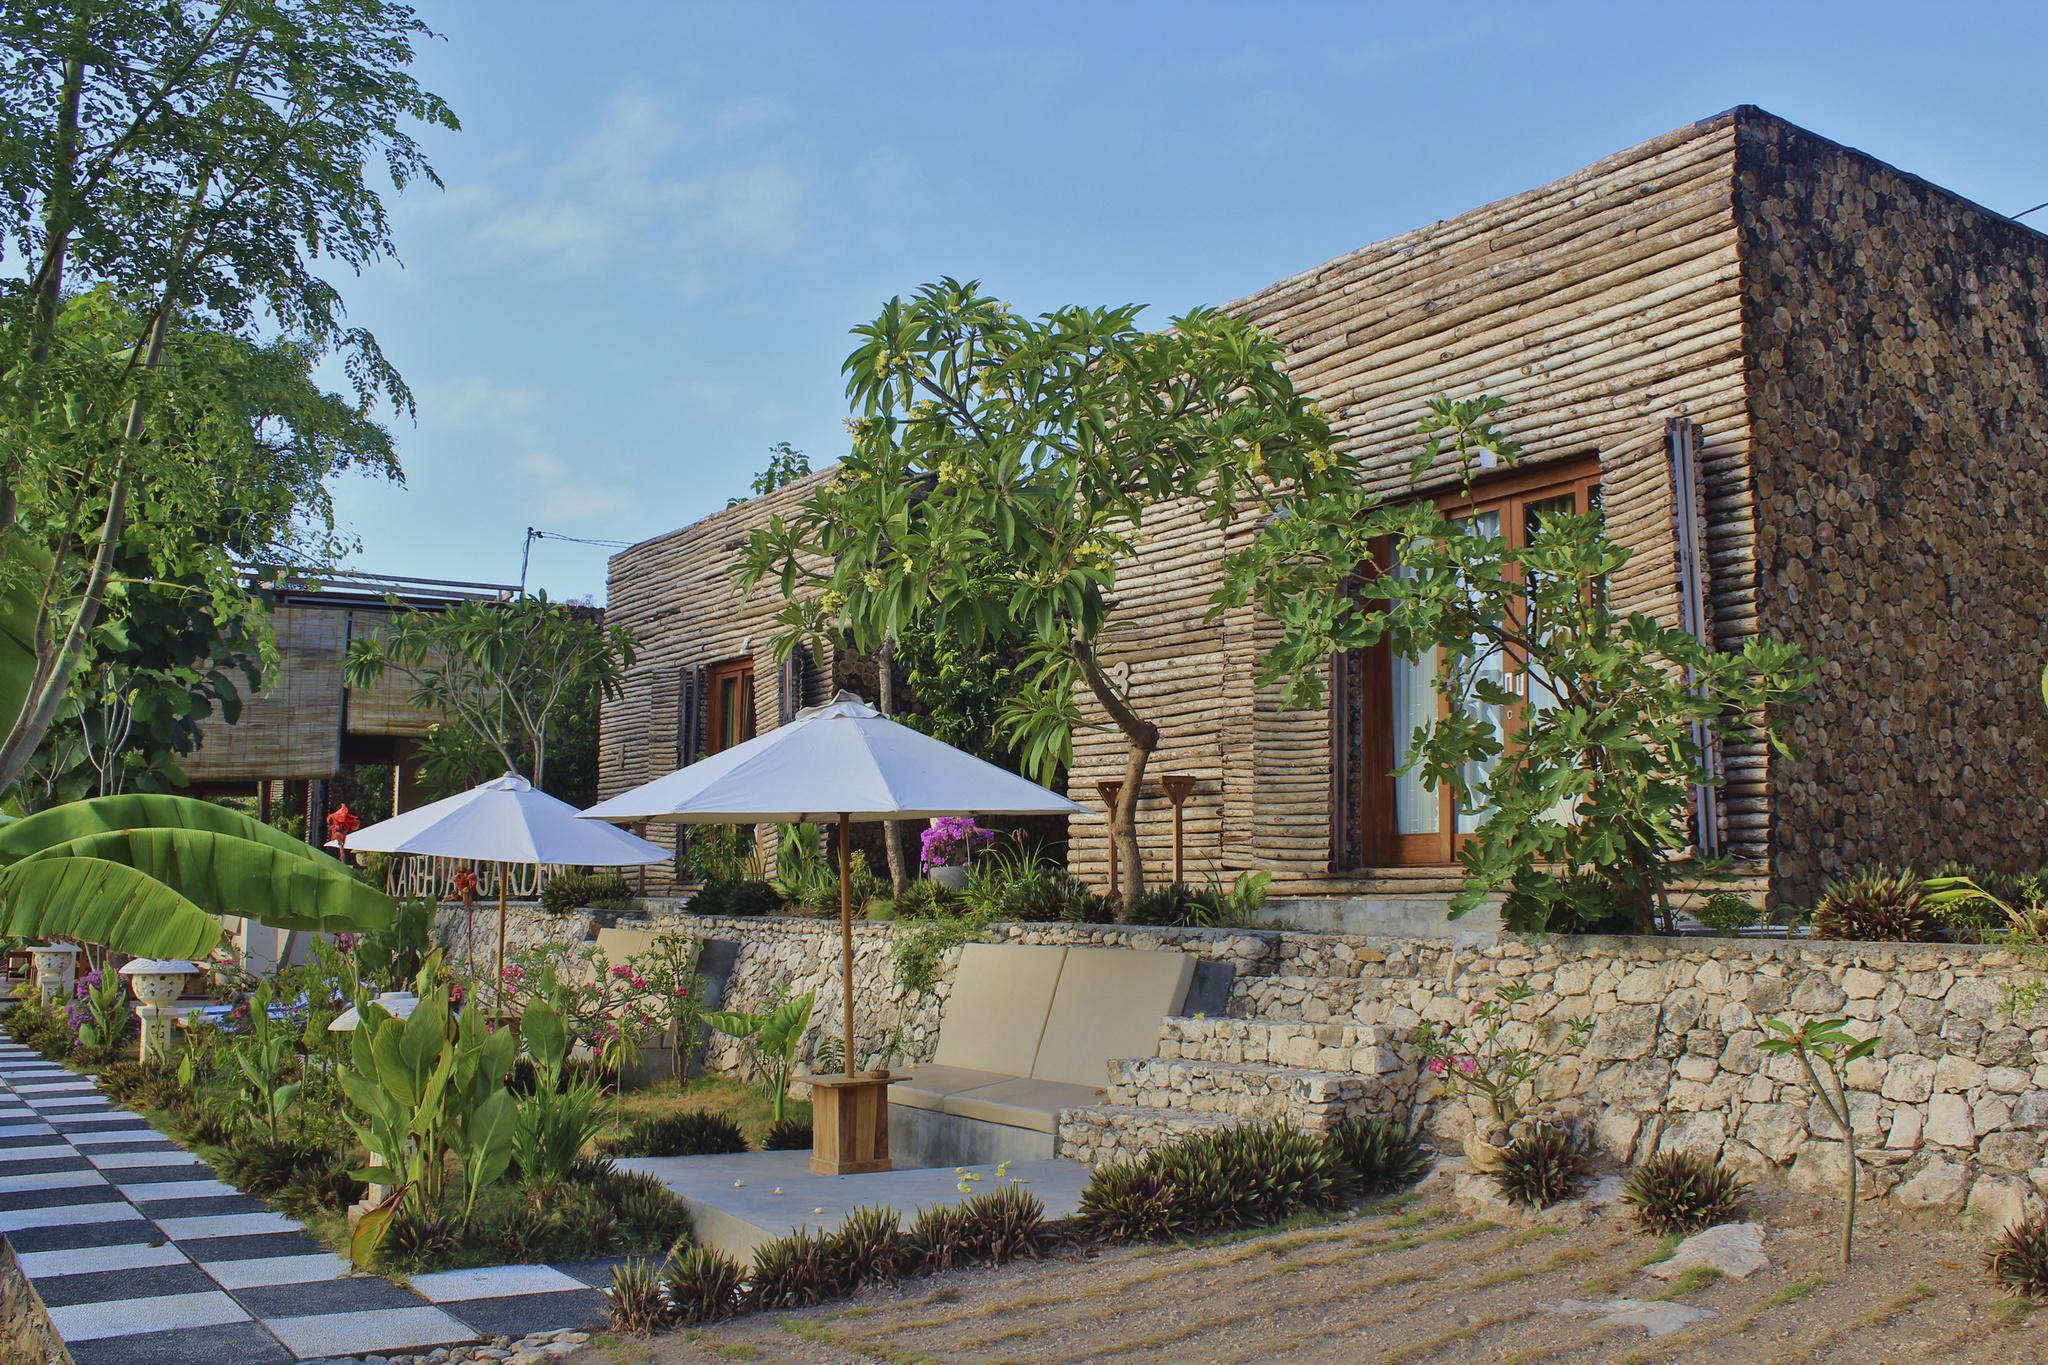 Kabeh Jati Garden Villa